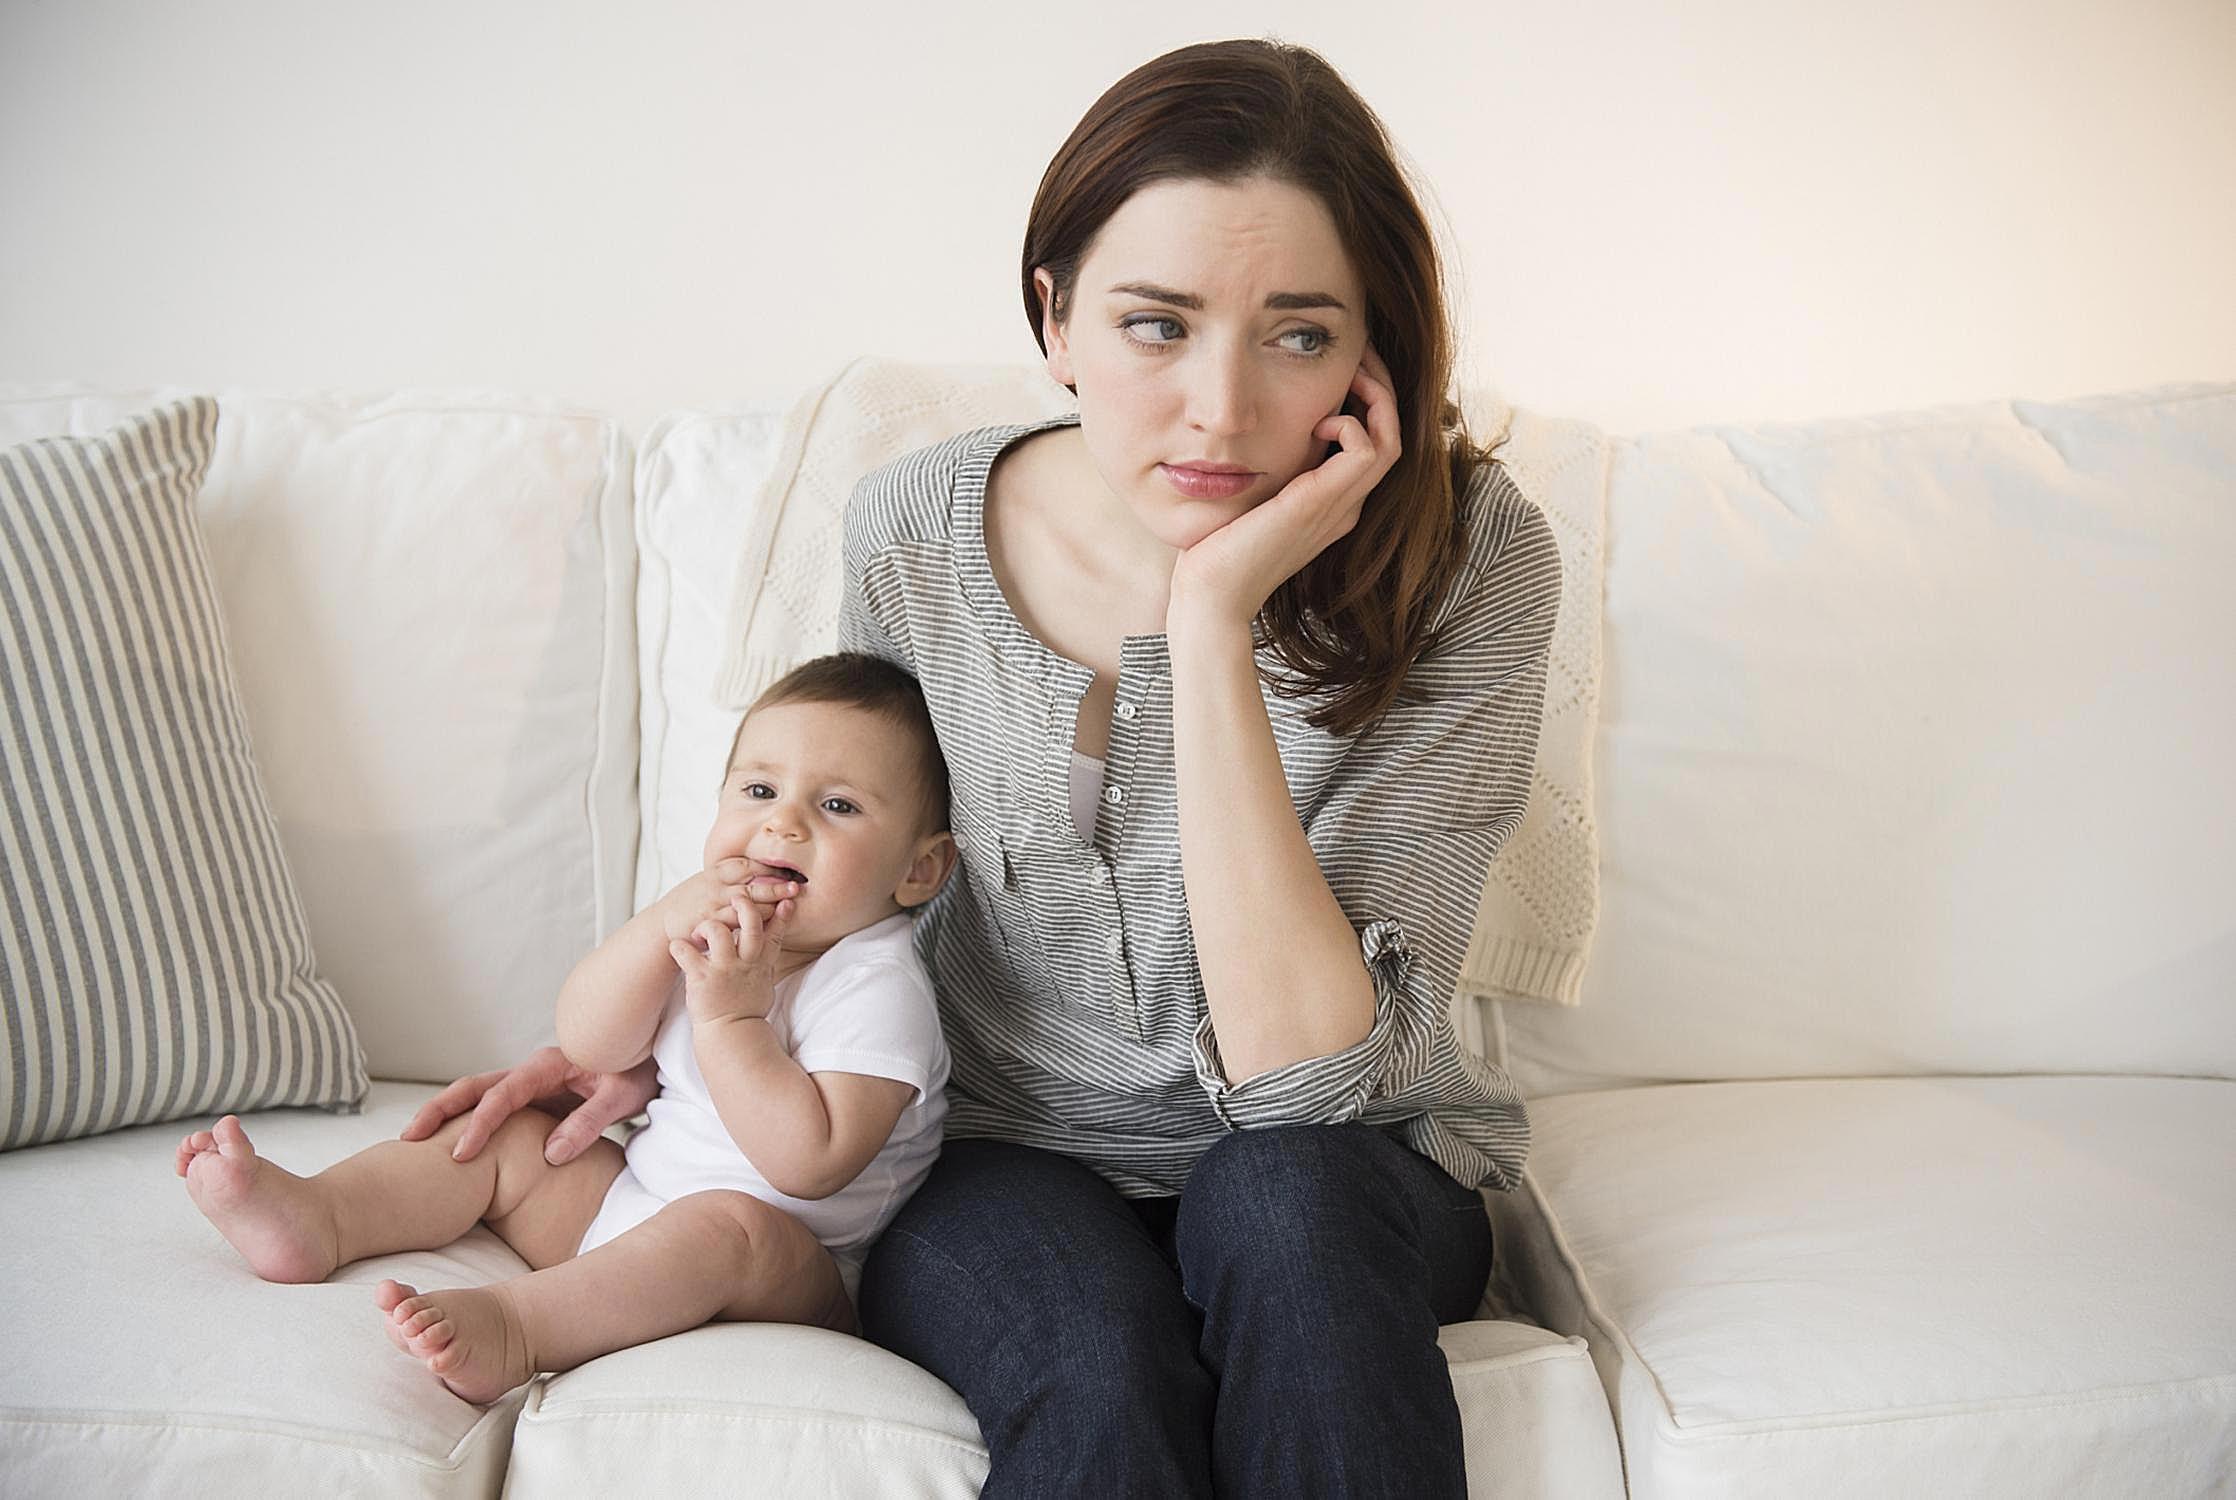 ТОП-7 самых противных привычек молодых мам и пап